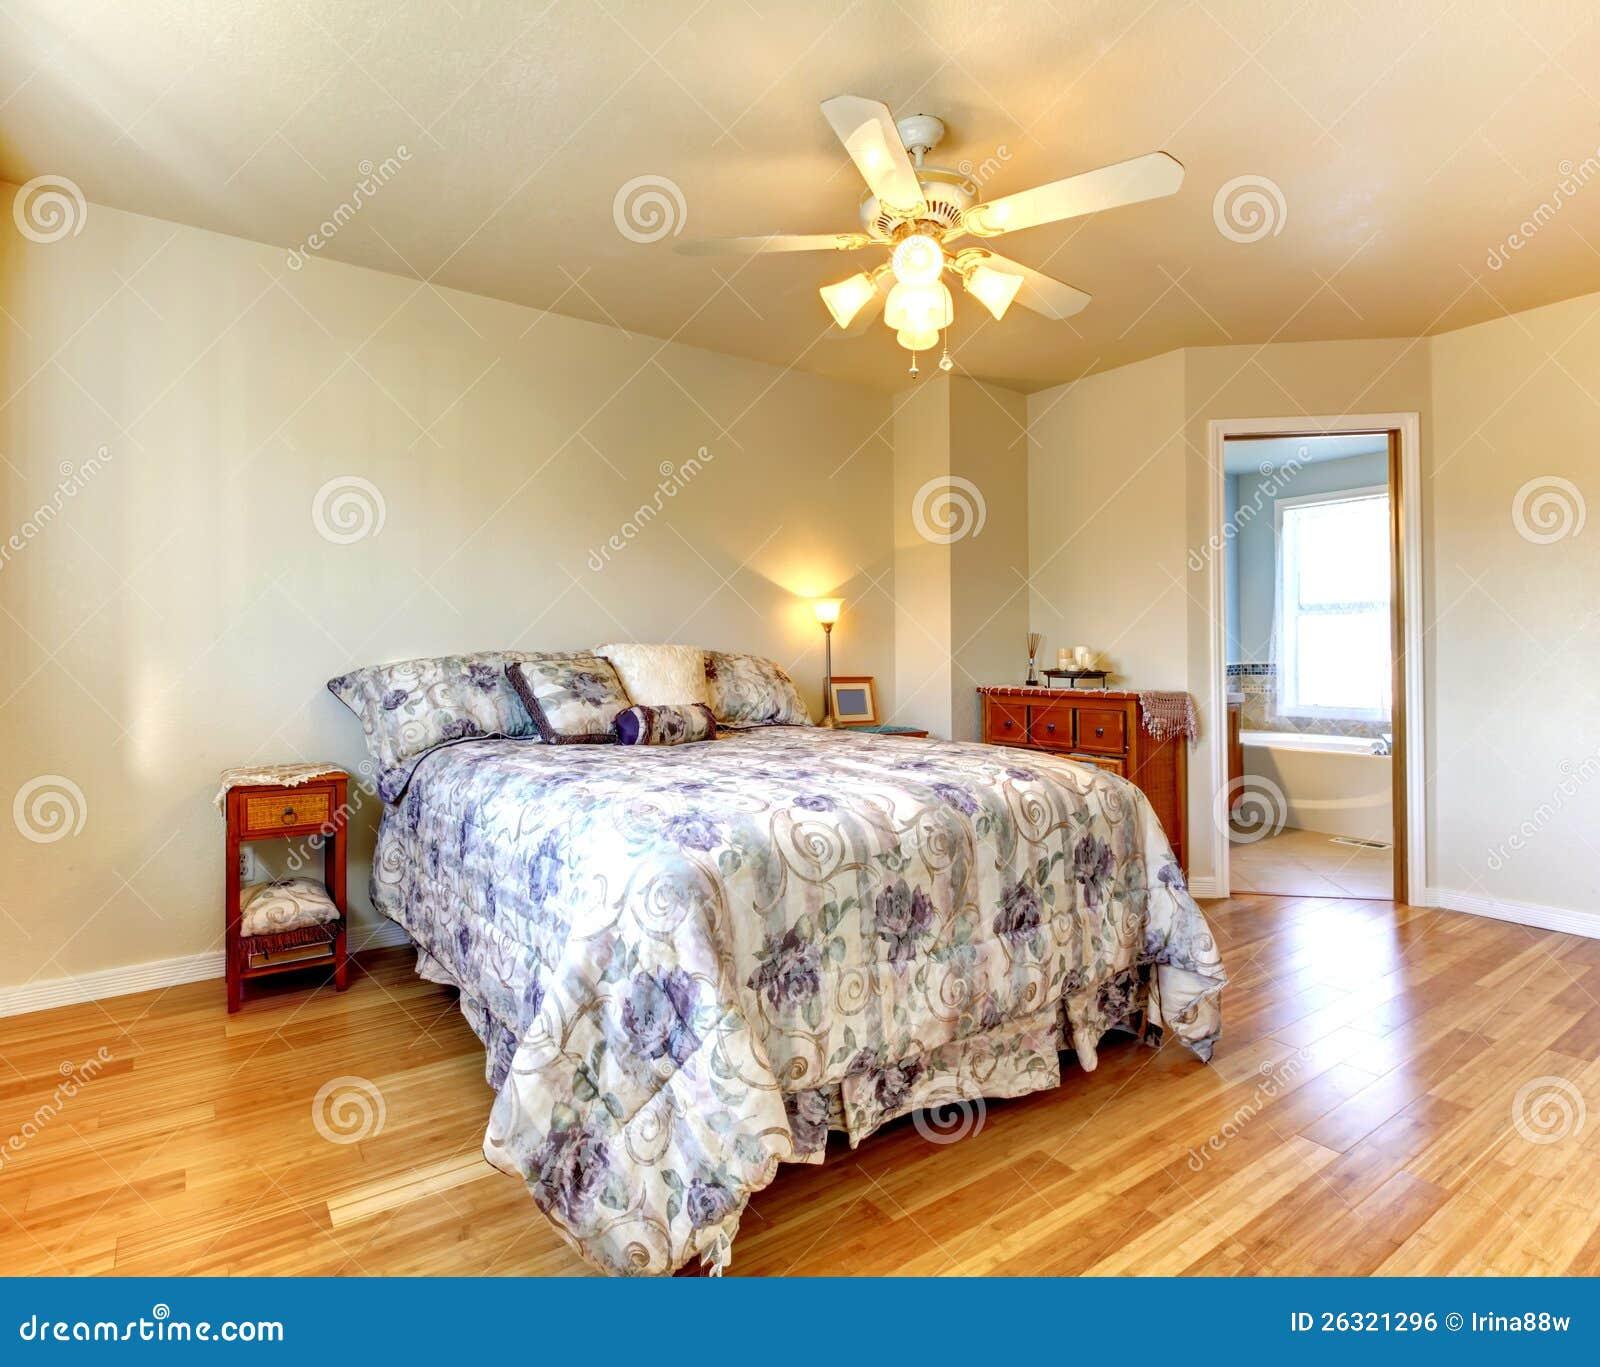 Bedroom Floor Tiles Bedroom Bedsheets Bedroom Yellow And Green Bedroom Bay Window Seat: Simple Bedroom With Flowery Bedding And Hardwood Floor